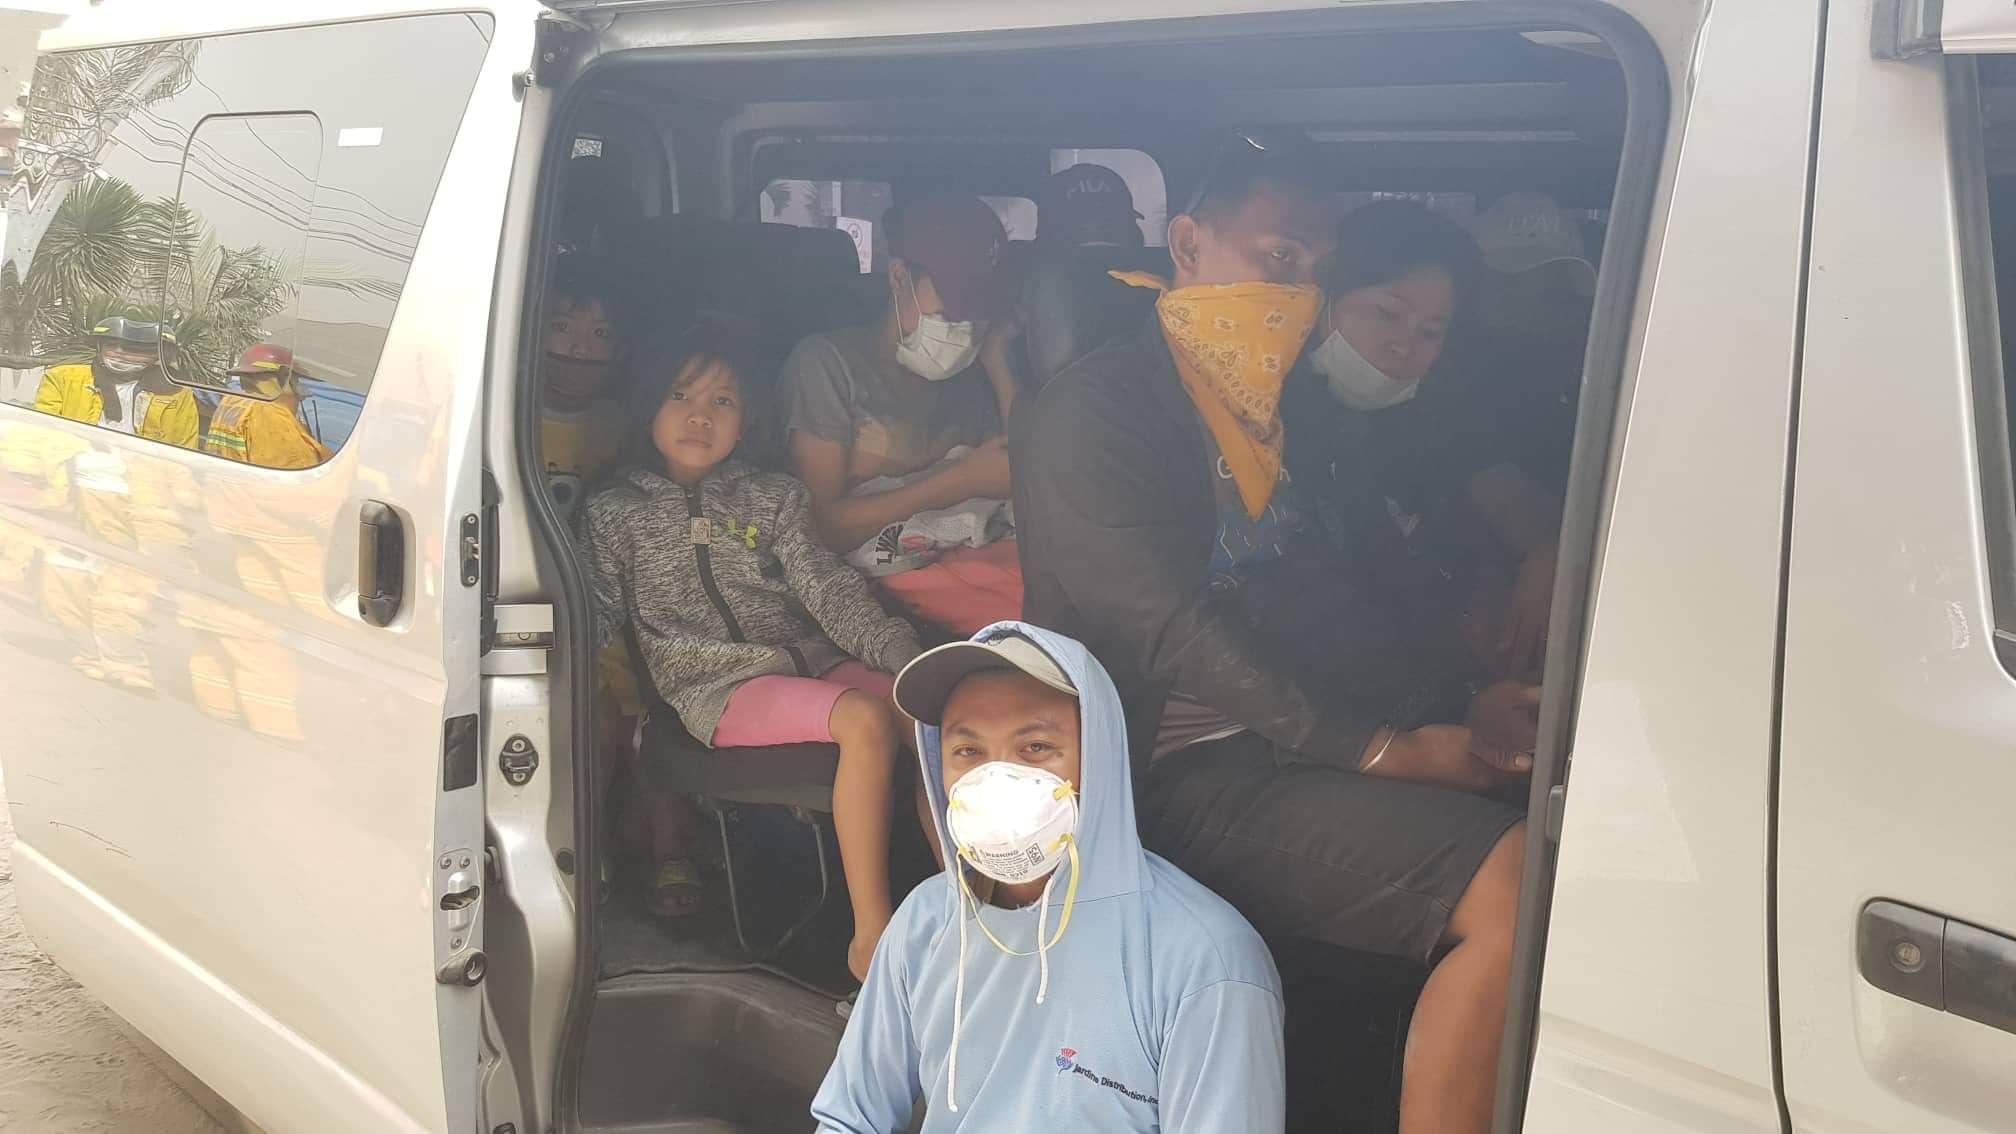 People wearing air masks in a van